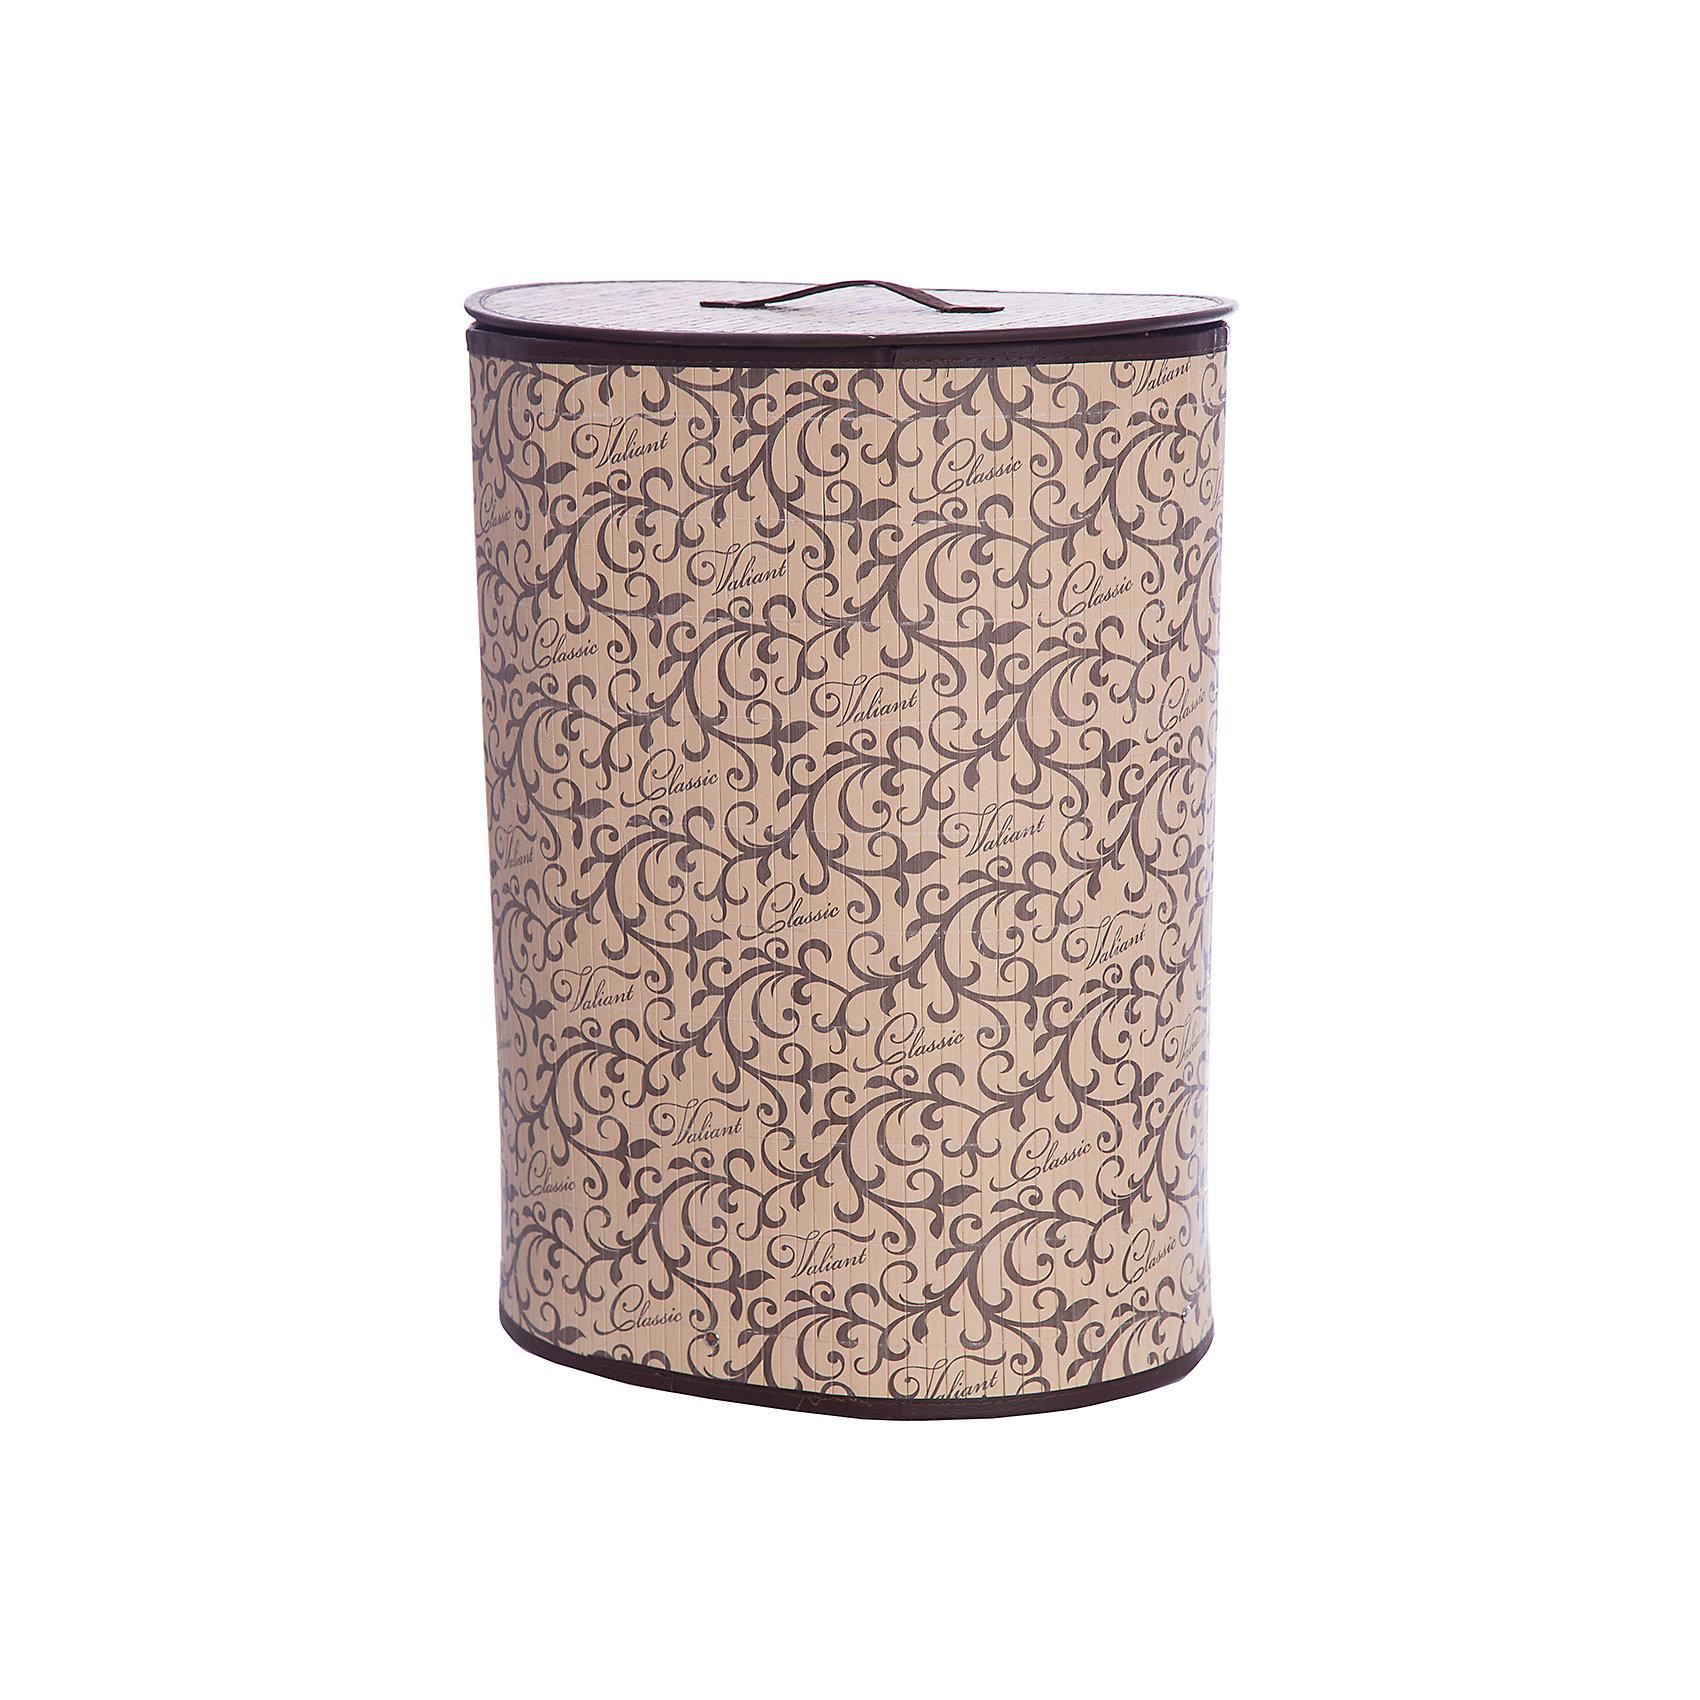 Корзина для белья с крышкой, 30*40*55 см, CLASSIC, ValiantВанная комната<br>Корзина для белья с крышкой, 30*40*55 см, CLASSIC, Valiant (Валиант) – это удобный аксессуар, обеспечивающий эстетичное хранение вещей.<br>Складная корзина для белья с крышкой CLASSIC от Valiant (Валиант) изготовлена из обработанного натурального бамбука и текстиля, хорошо держит форму благодаря металлическому каркасу. Корзина очень удобна и практична. Она идеально подойдет для сбора и хранения вещей перед стиркой, легкая крышка позволяет скрыть содержимое корзины. Каркасная конструкция обеспечивает легкость складывания и раскладывания. Внутренний чехол можно стирать в машинке при температуре 40°С. Натуральные материалы делают корзину экологичным и безопасным аксессуаром для дома. Изысканный дизайн изделия придется по вкусу ценителям классического стиля. Специально для CLASSIC Collection дизайнеры Valiant (Валиант) разработали фирменный классический вензель. Изысканный узор, гармония изящных линий и благородное сочетание цветов составляет основу элегантного дизайна CLASSIC Collection.  Корзина для белья Classic от Valiant (Валиант) гармонично вписывается в современный классический интерьер и станет незаменимым аксессуаром.<br><br>Дополнительная информация:<br><br>- Размер: 30х40х55 см.<br>- Материал: бамбук, текстиль, металл<br>- Цвет: коричневый, бежевый<br><br>Корзину для белья с крышкой, 30*40*55 см, CLASSIC, Valiant (Валиант) можно купить в нашем интернет-магазине.<br><br>Ширина мм: 350<br>Глубина мм: 50<br>Высота мм: 620<br>Вес г: 1499<br>Возраст от месяцев: 36<br>Возраст до месяцев: 1080<br>Пол: Унисекс<br>Возраст: Детский<br>SKU: 4993403